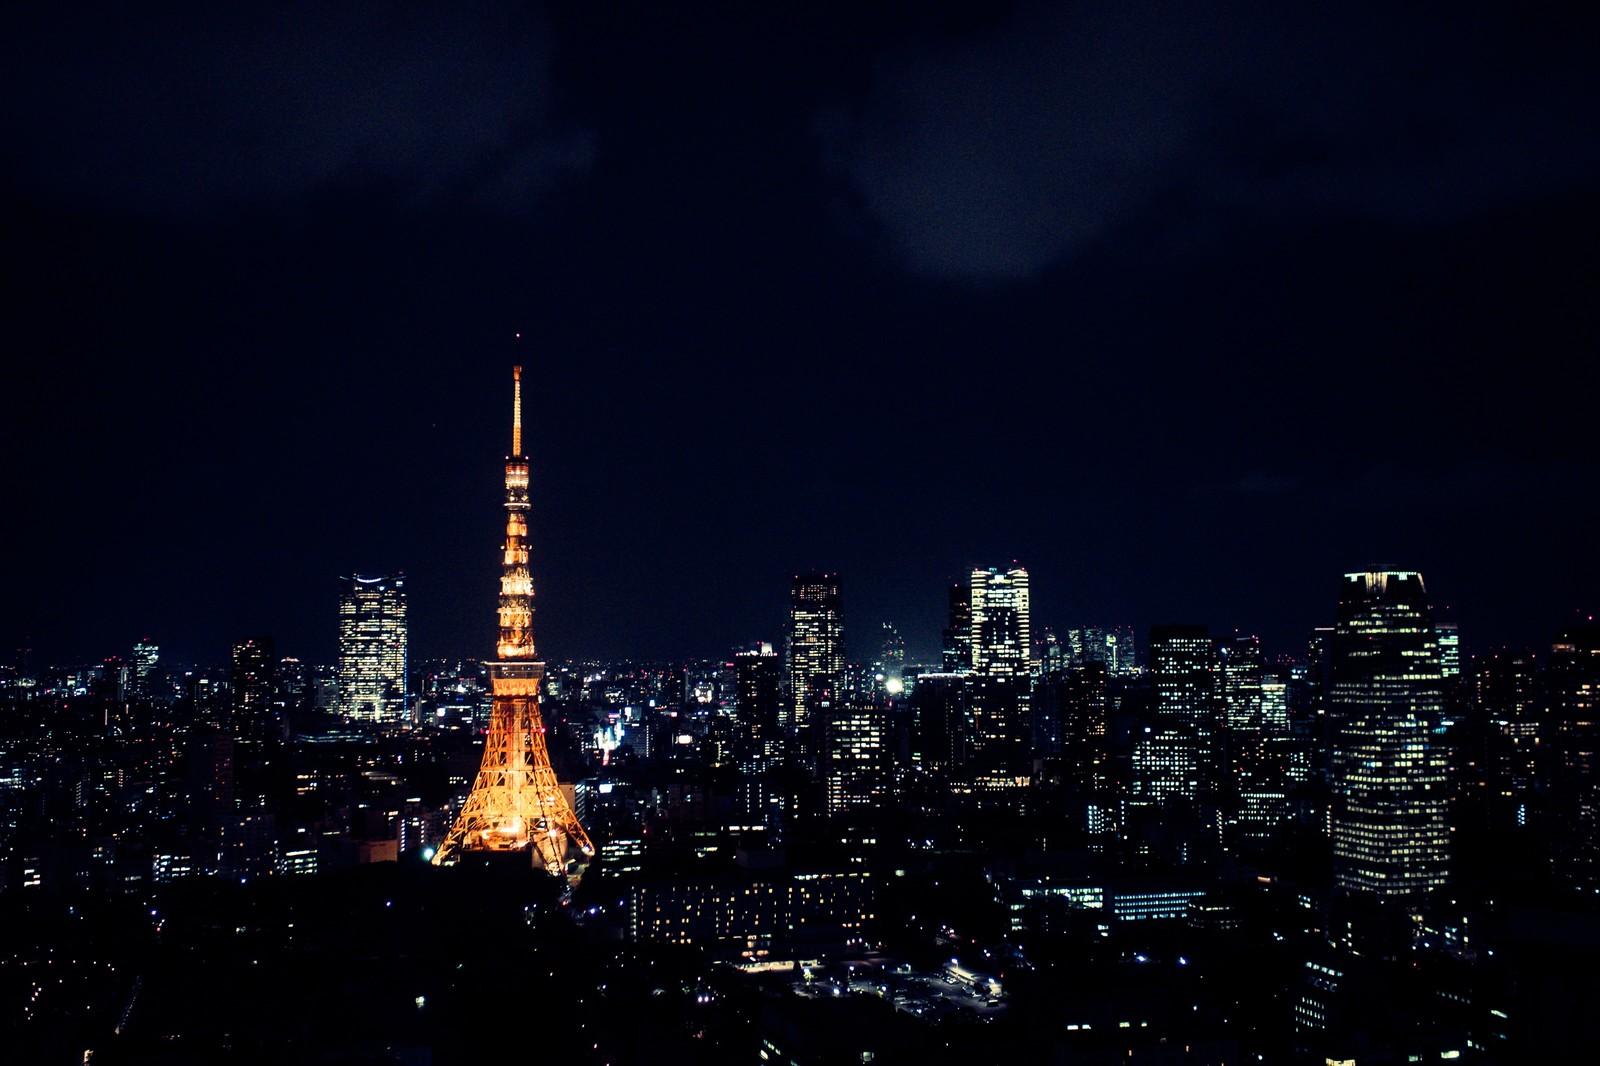 東京、関東の広告、ビジョン、屋外広告(OOH)のまとめ